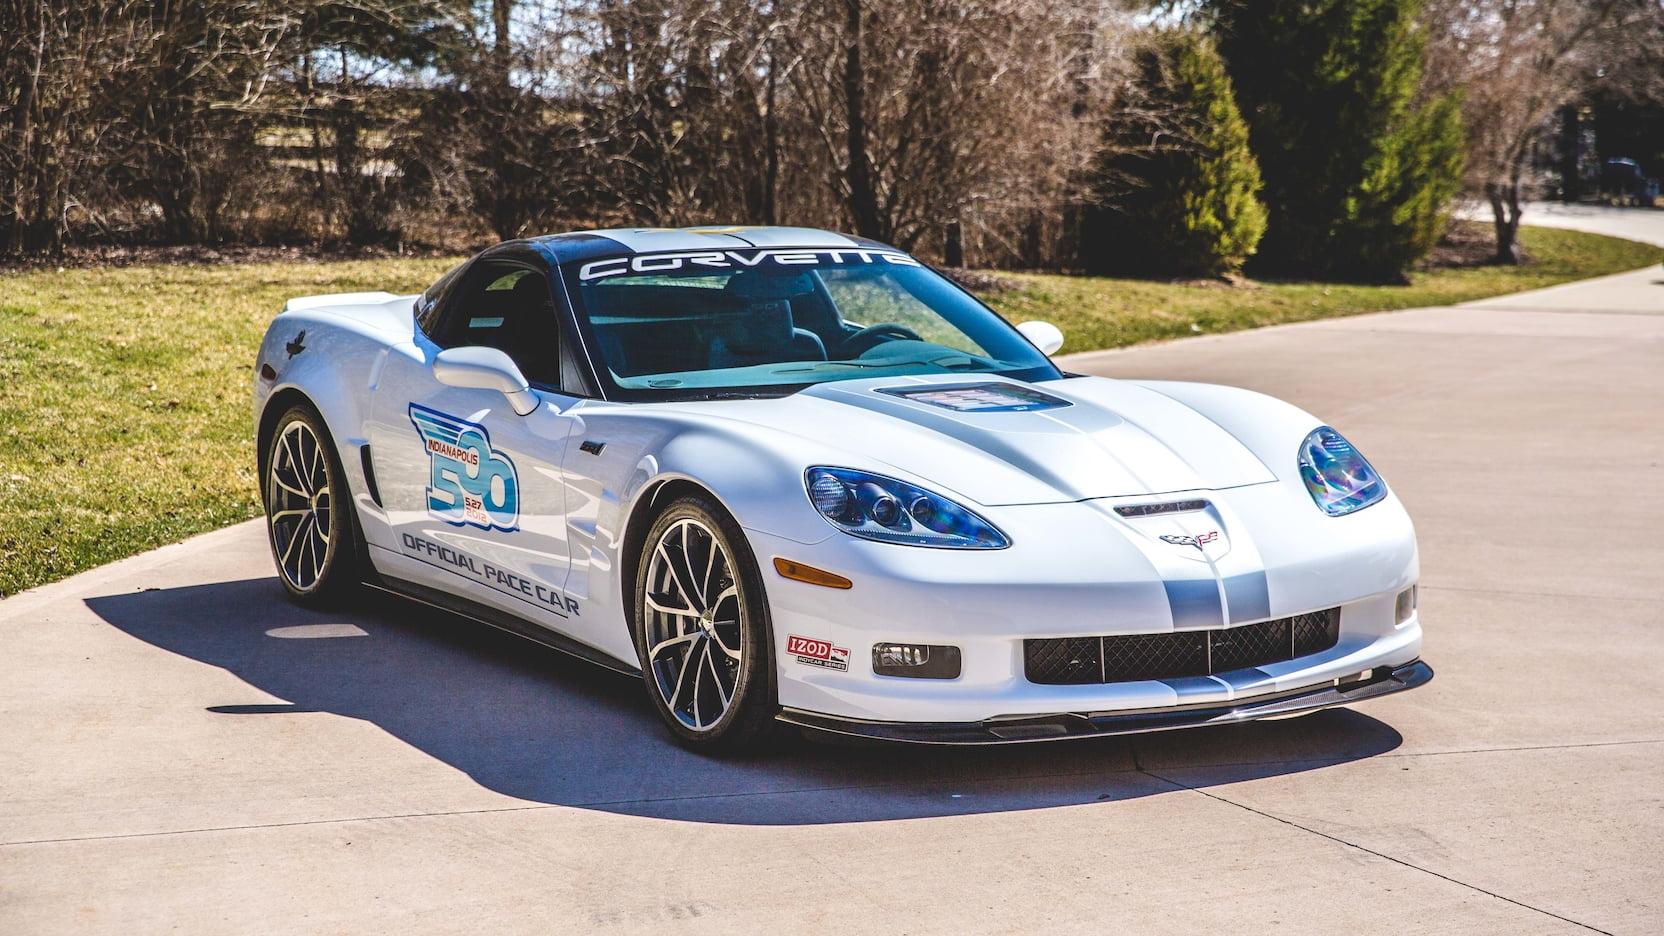 2013 Chevrolet Corvette ZR1 Pace Car Edition Front 3/4